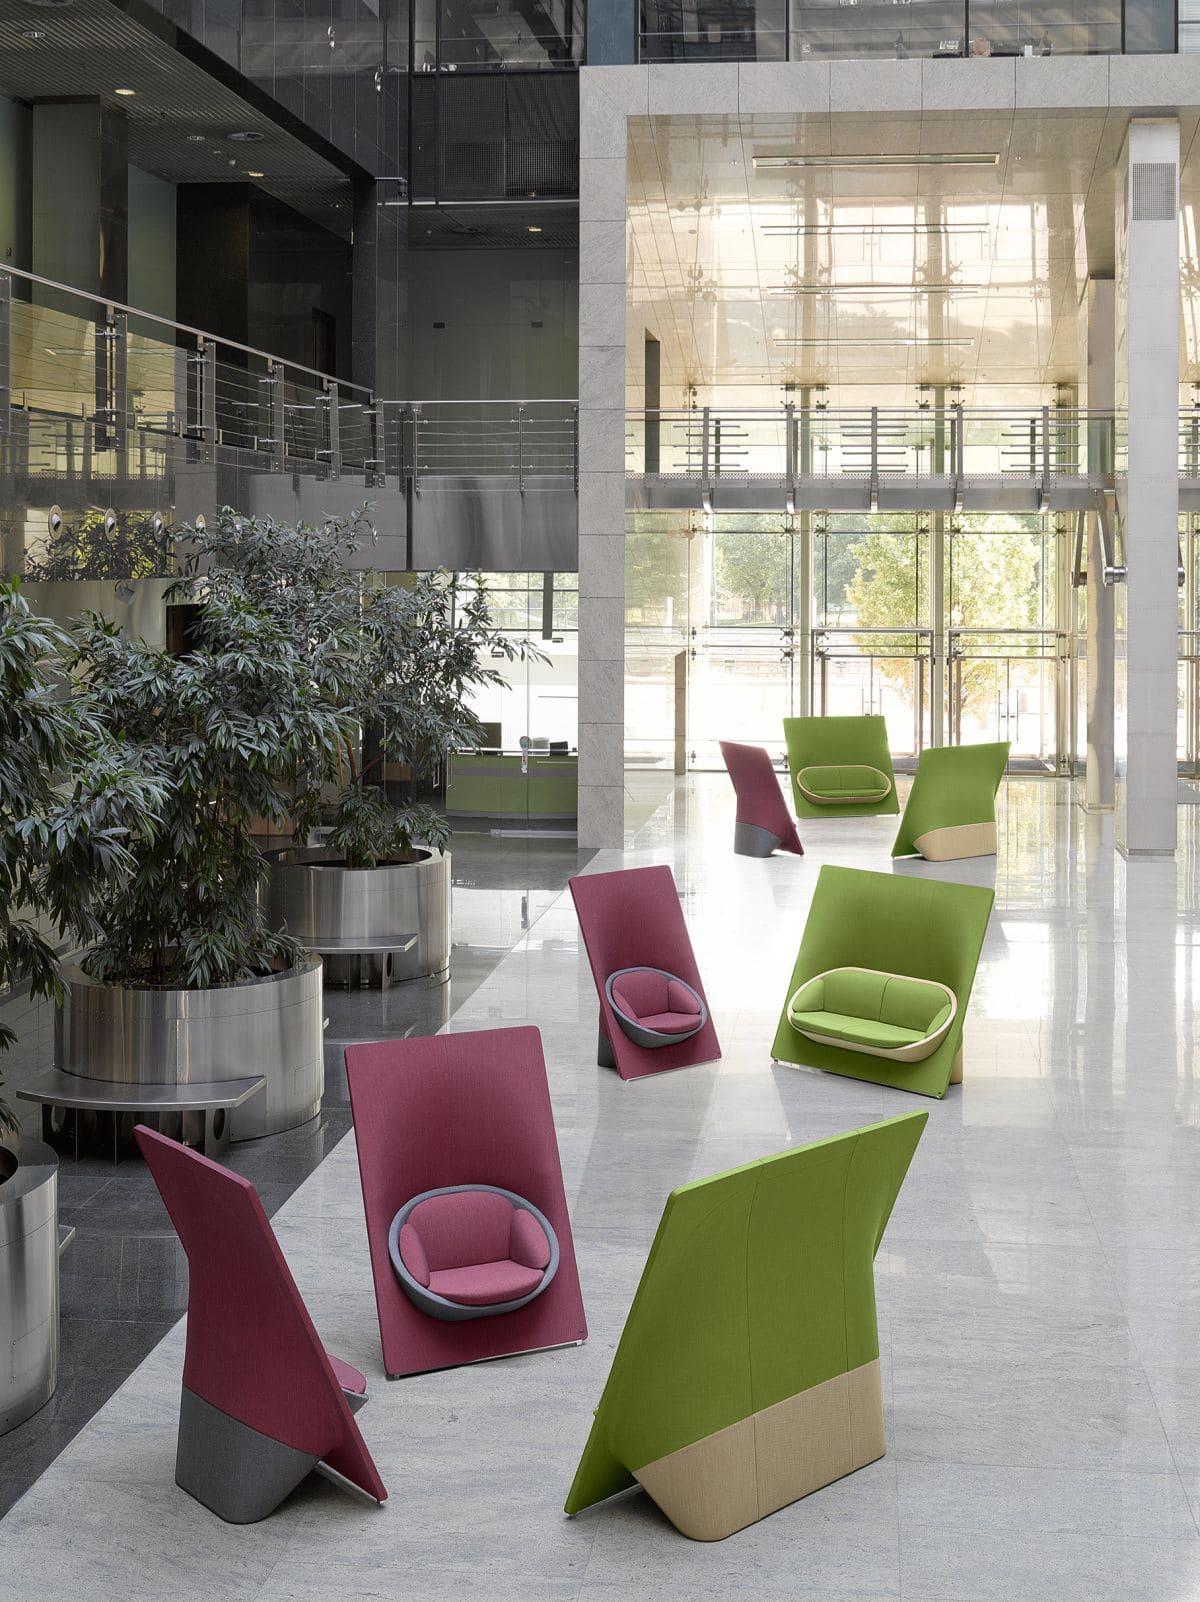 Zieleń i kolor malinowy w przestrzeni biurowej -Everspace Profim